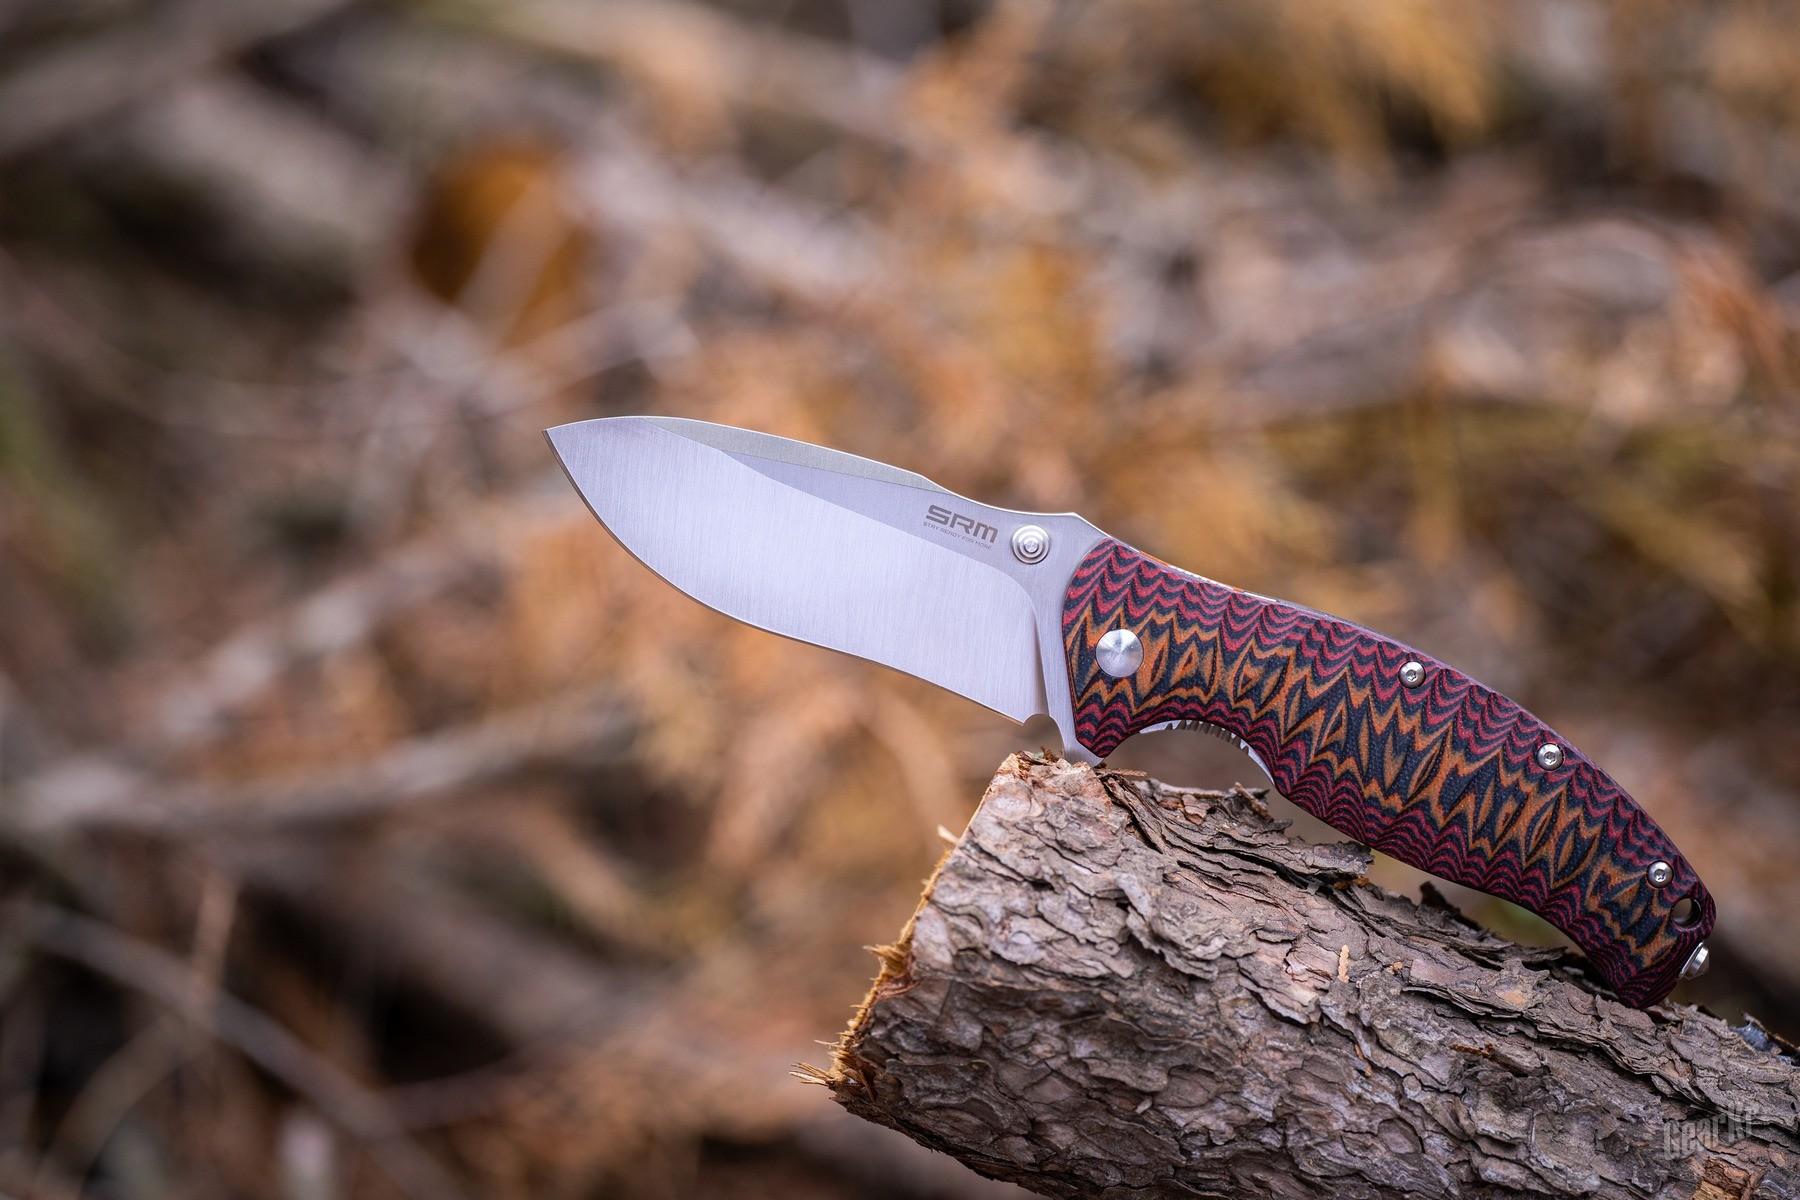 安全且强壮的户外口袋折刀——SRM 1006